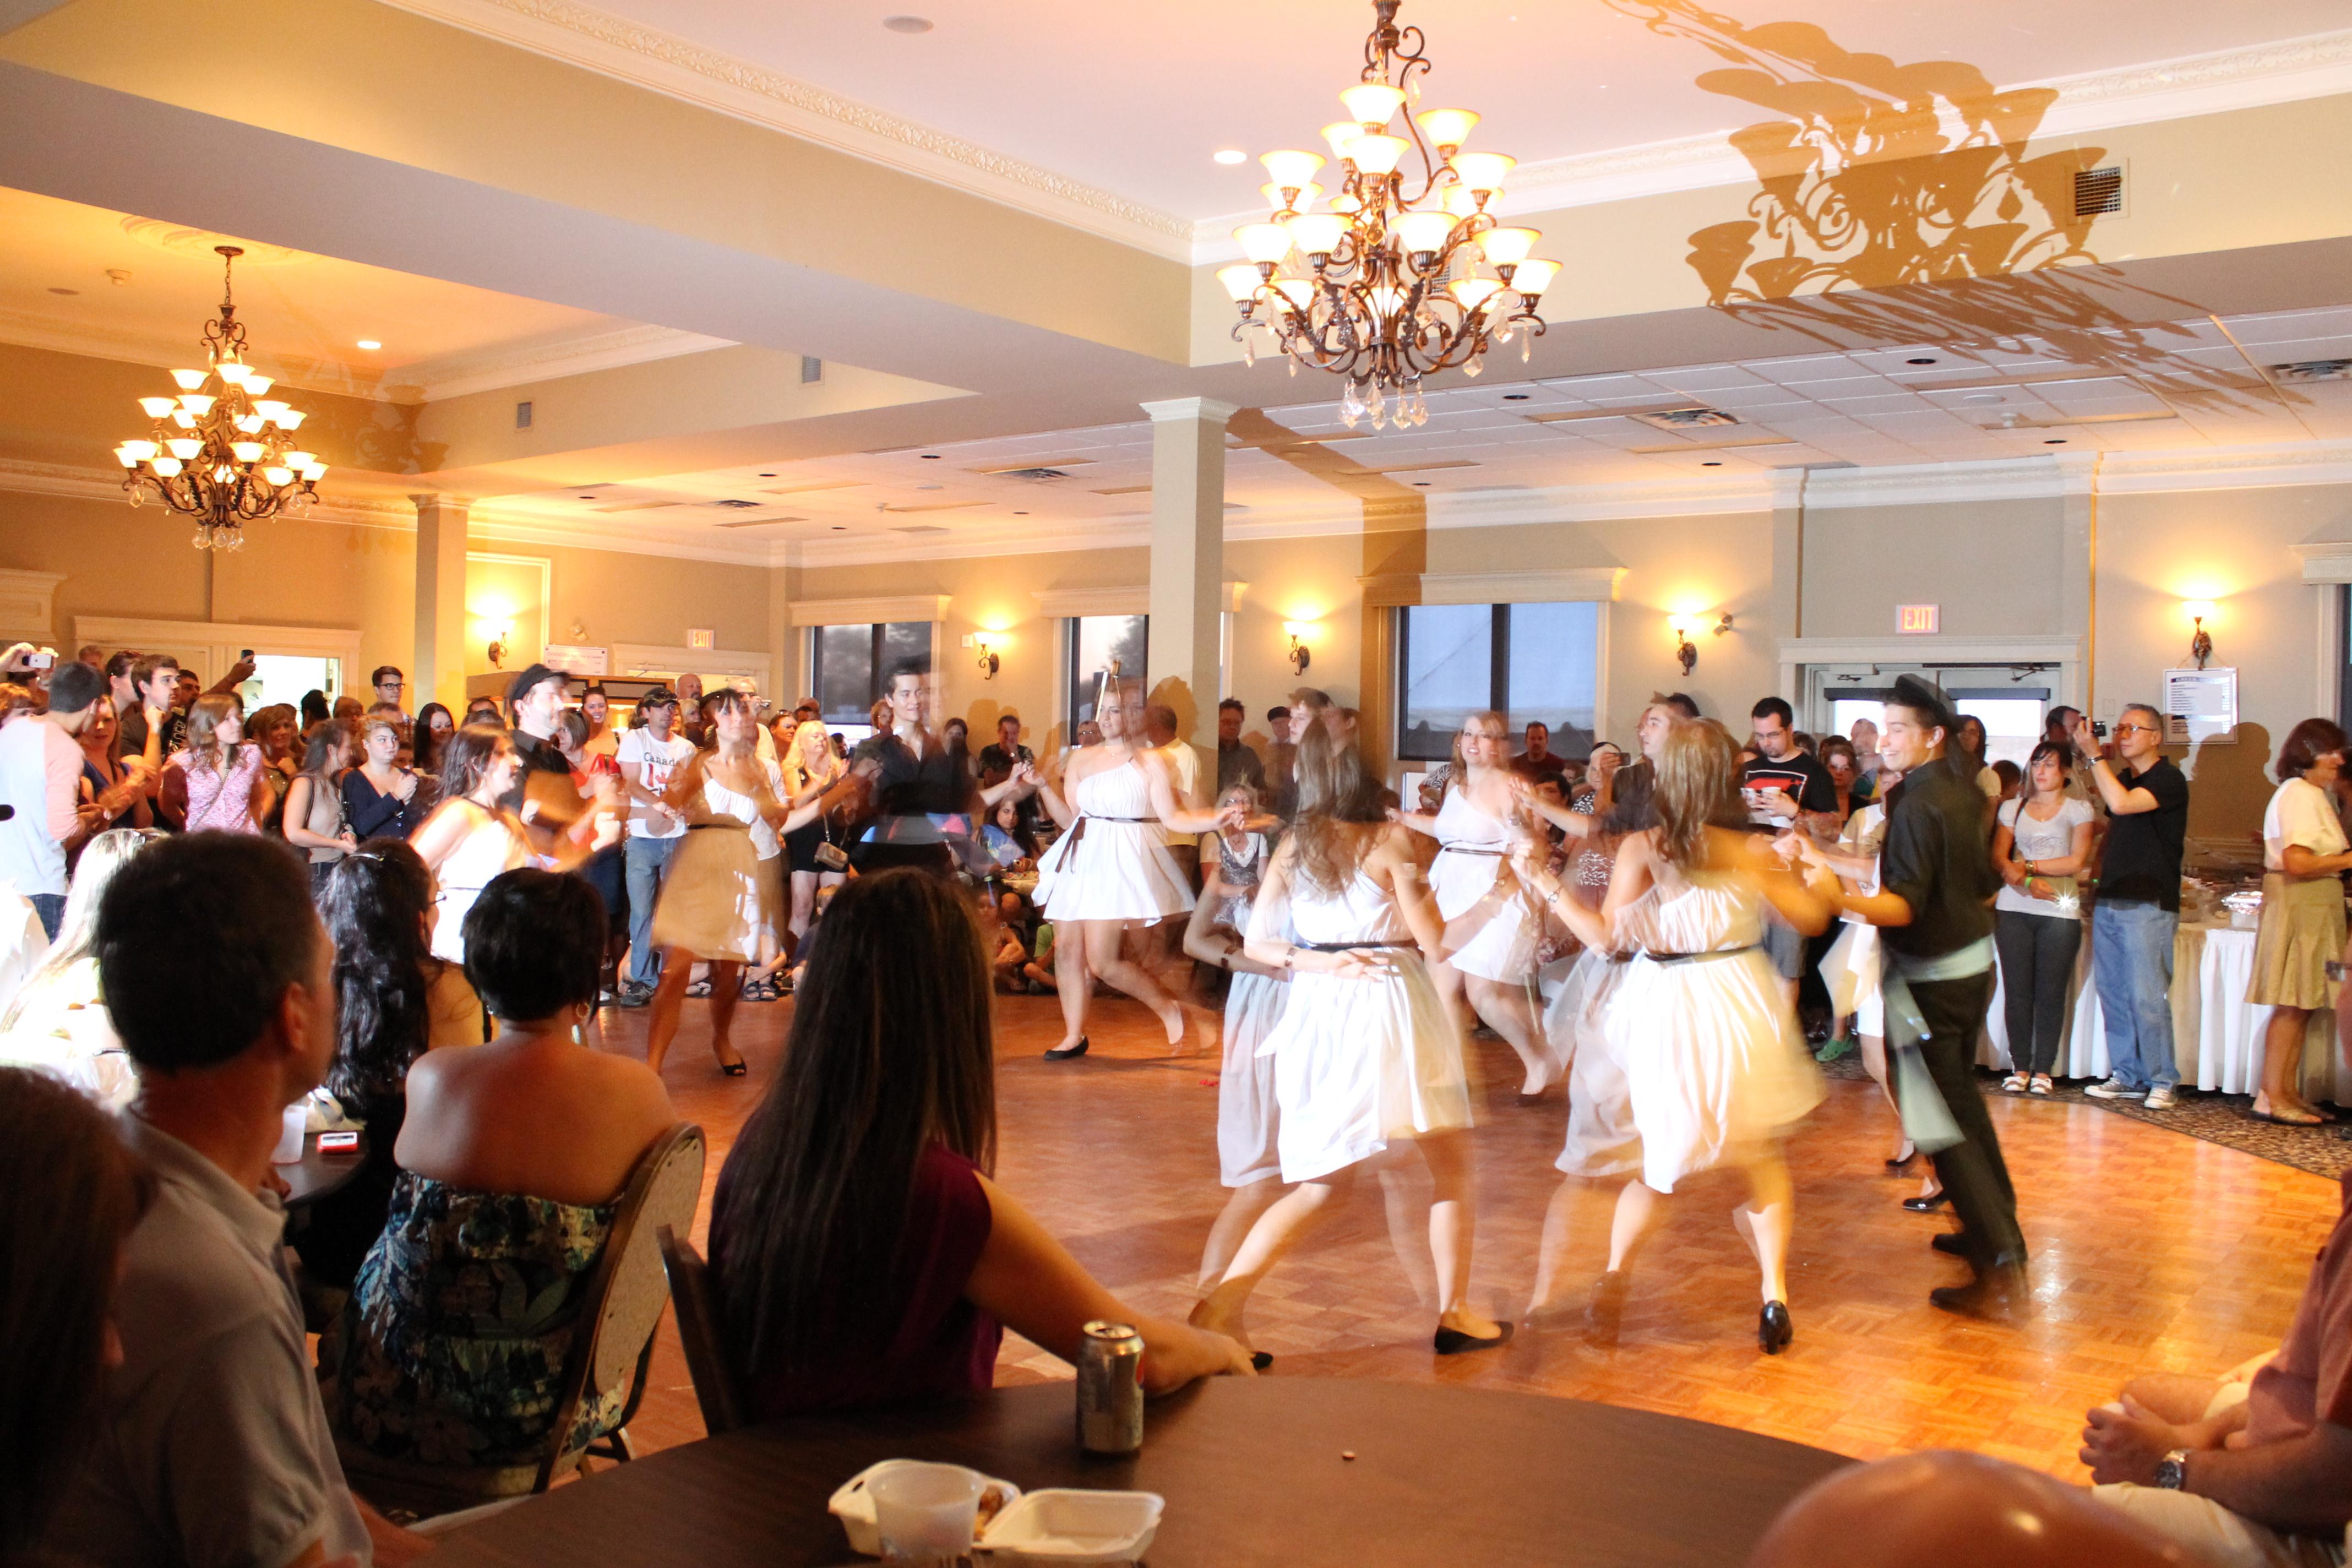 Zorba Dancers